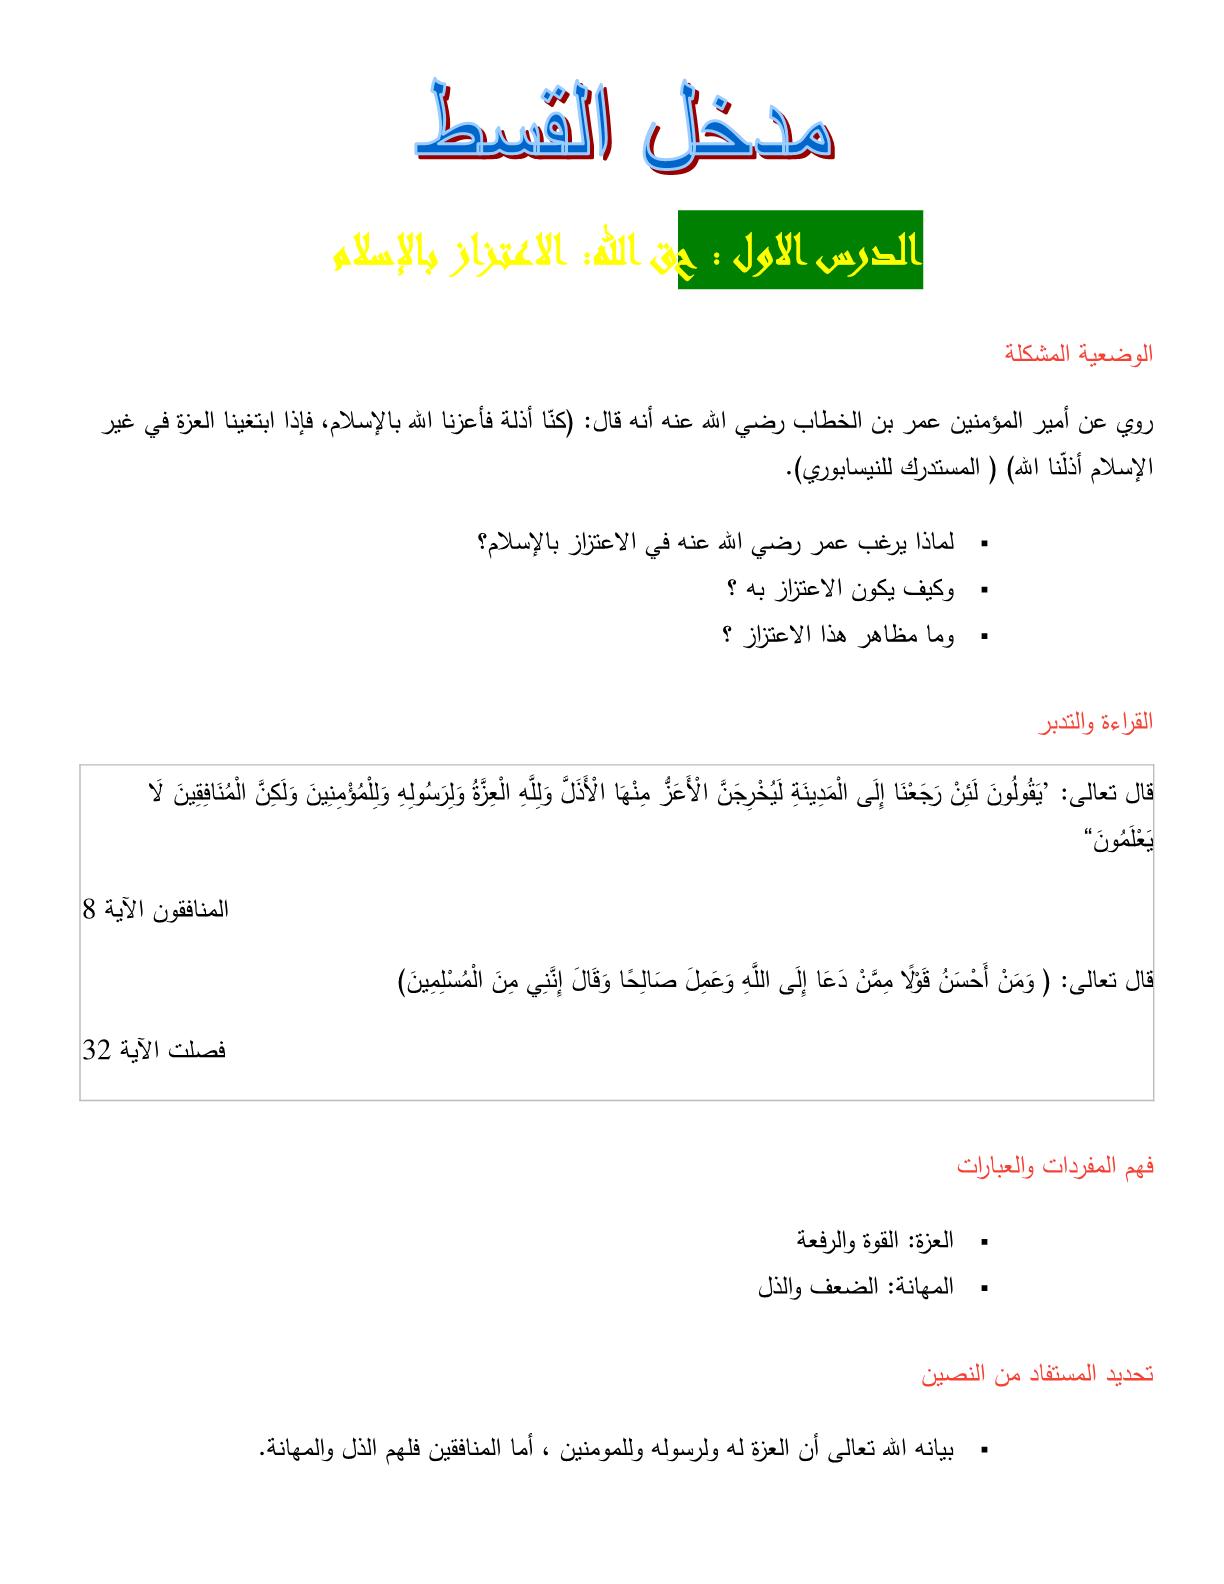 درس حق الله الاعتزاز بالإسلام للسنة الثانية بكالوريا